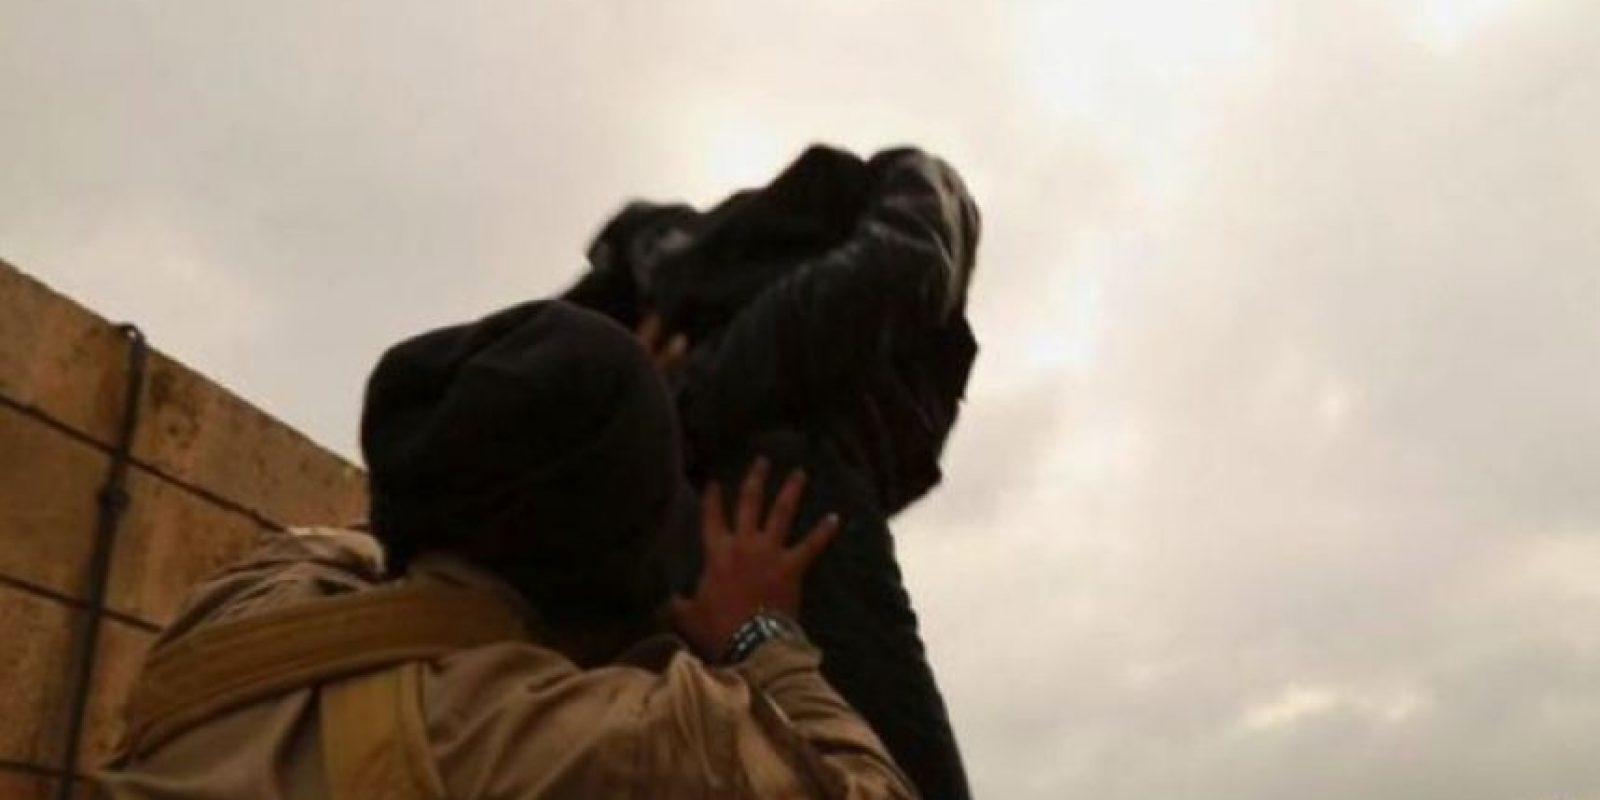 Arrojar a sus víctimas desde un edificio Foto:Twitter.com – Archivo